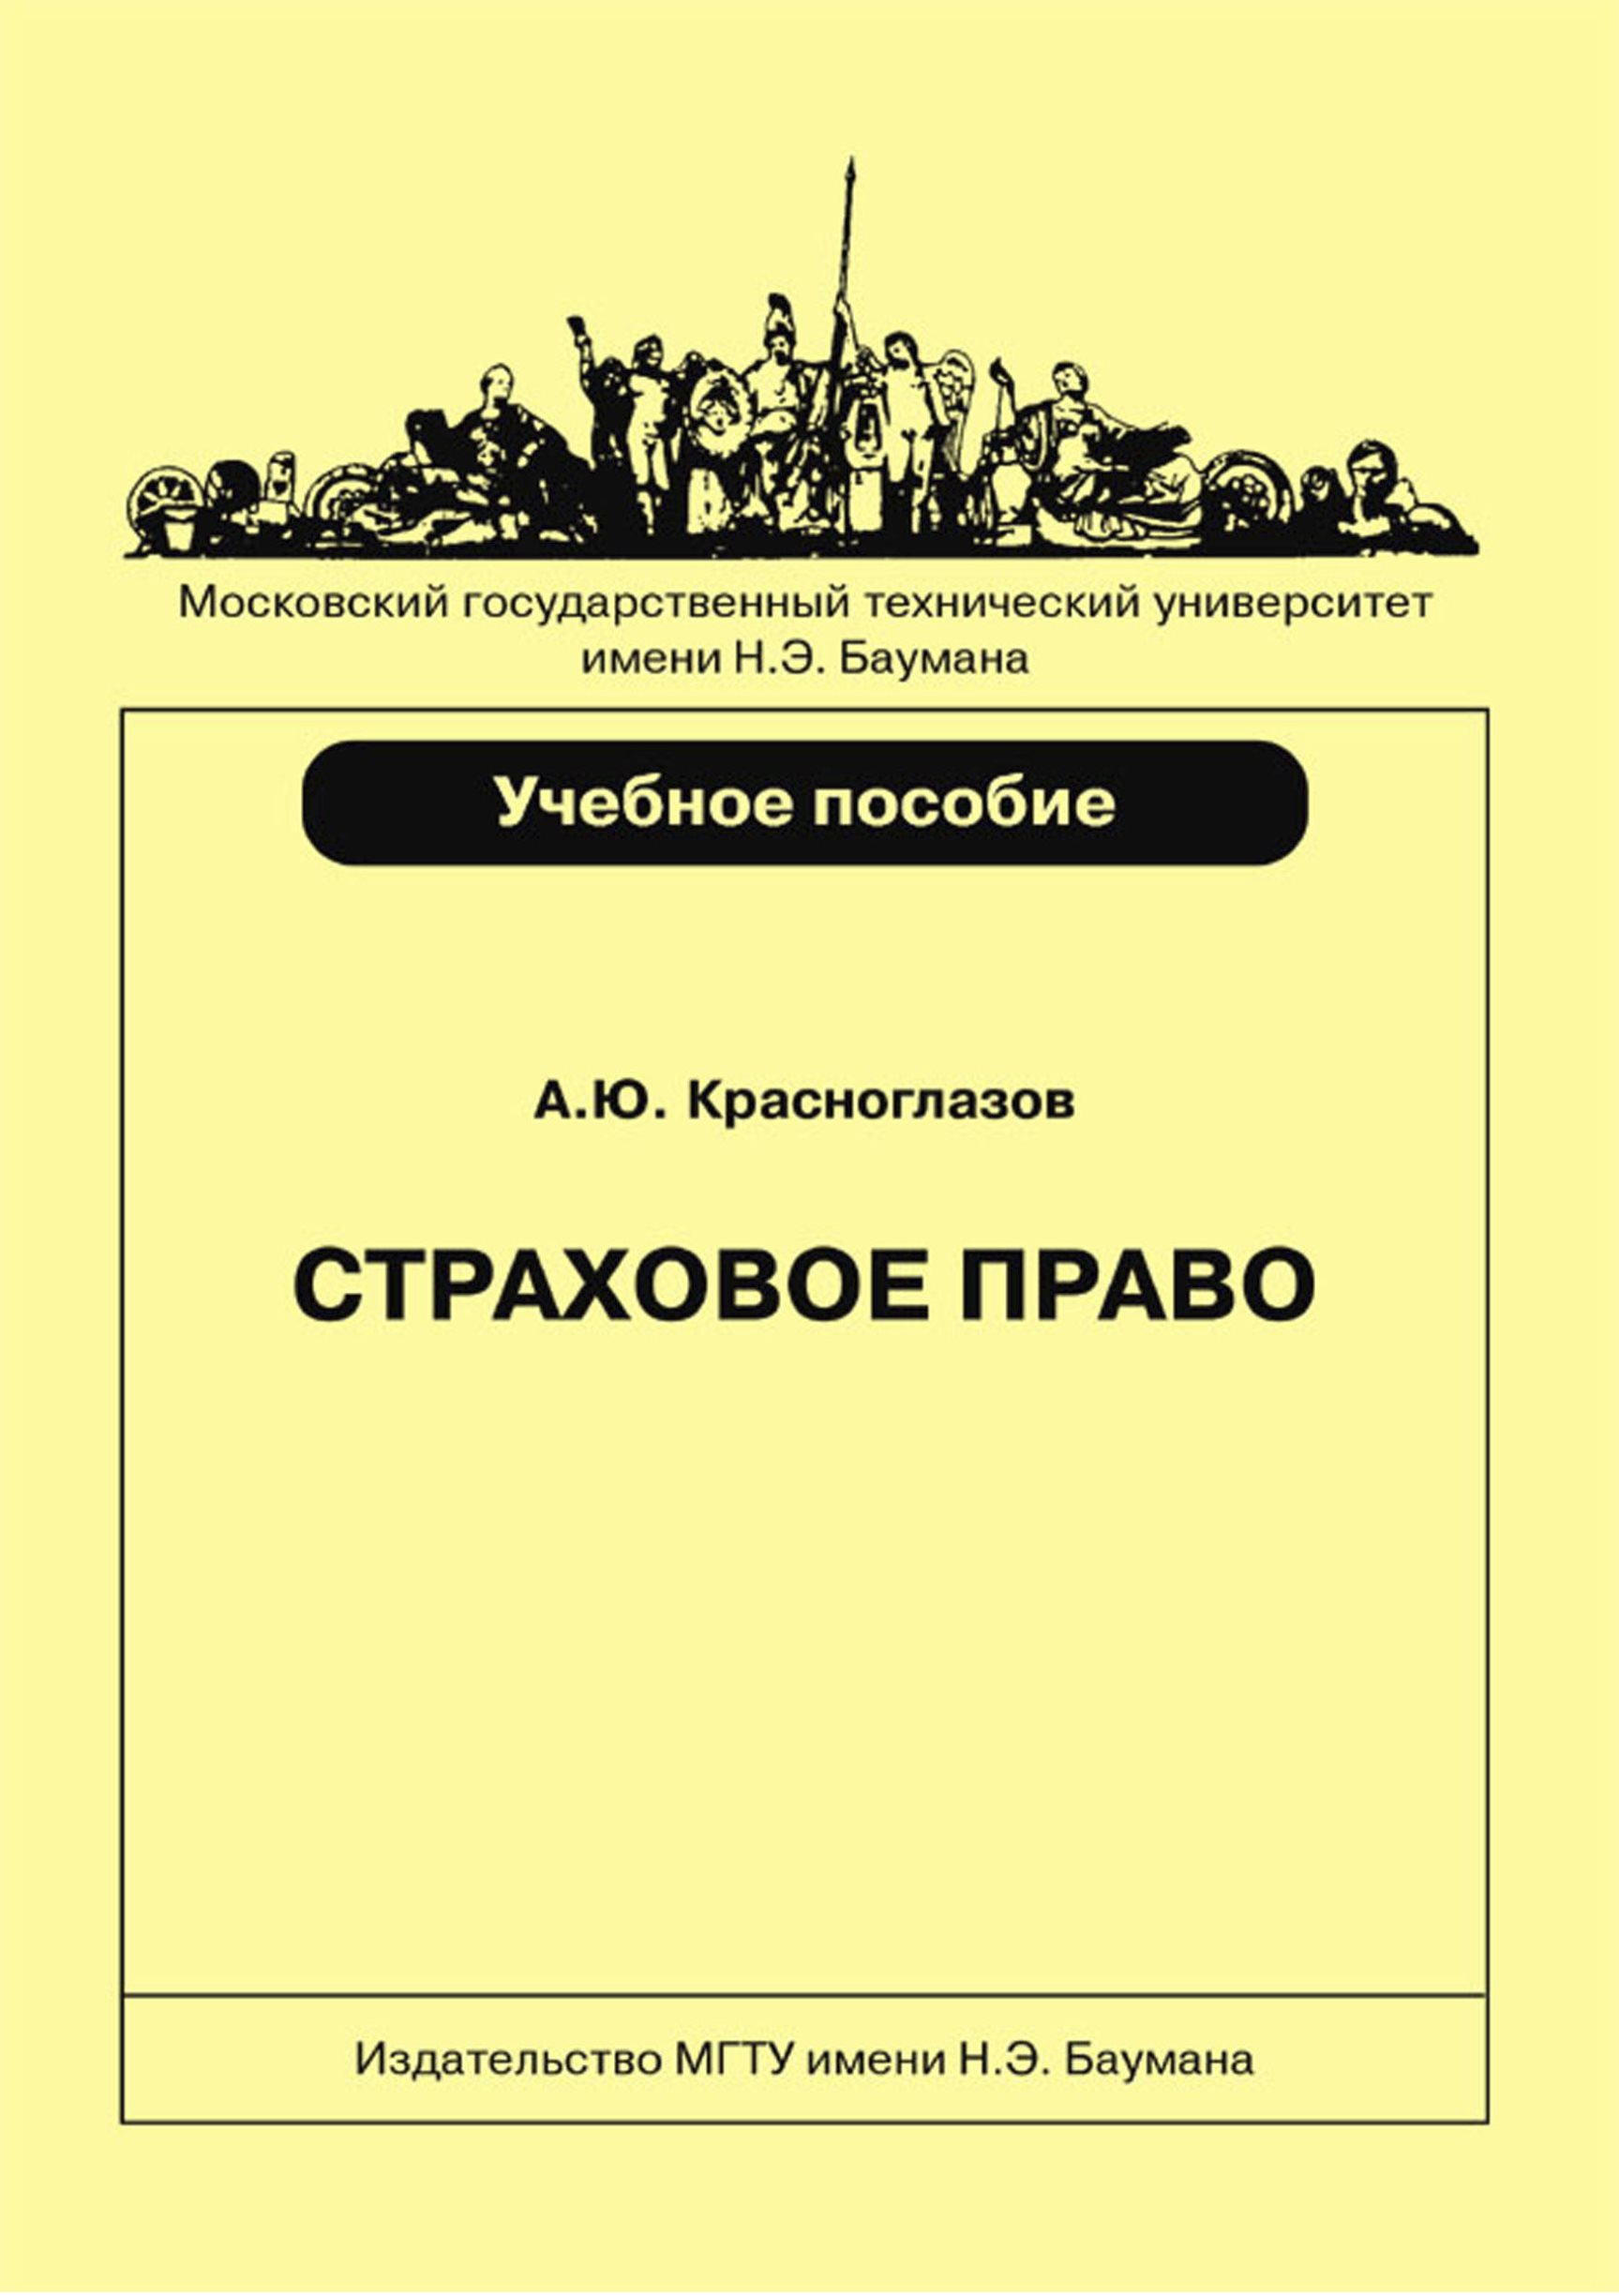 Андрей Красноглазов Страховое право хозяйственное право учебное пособие